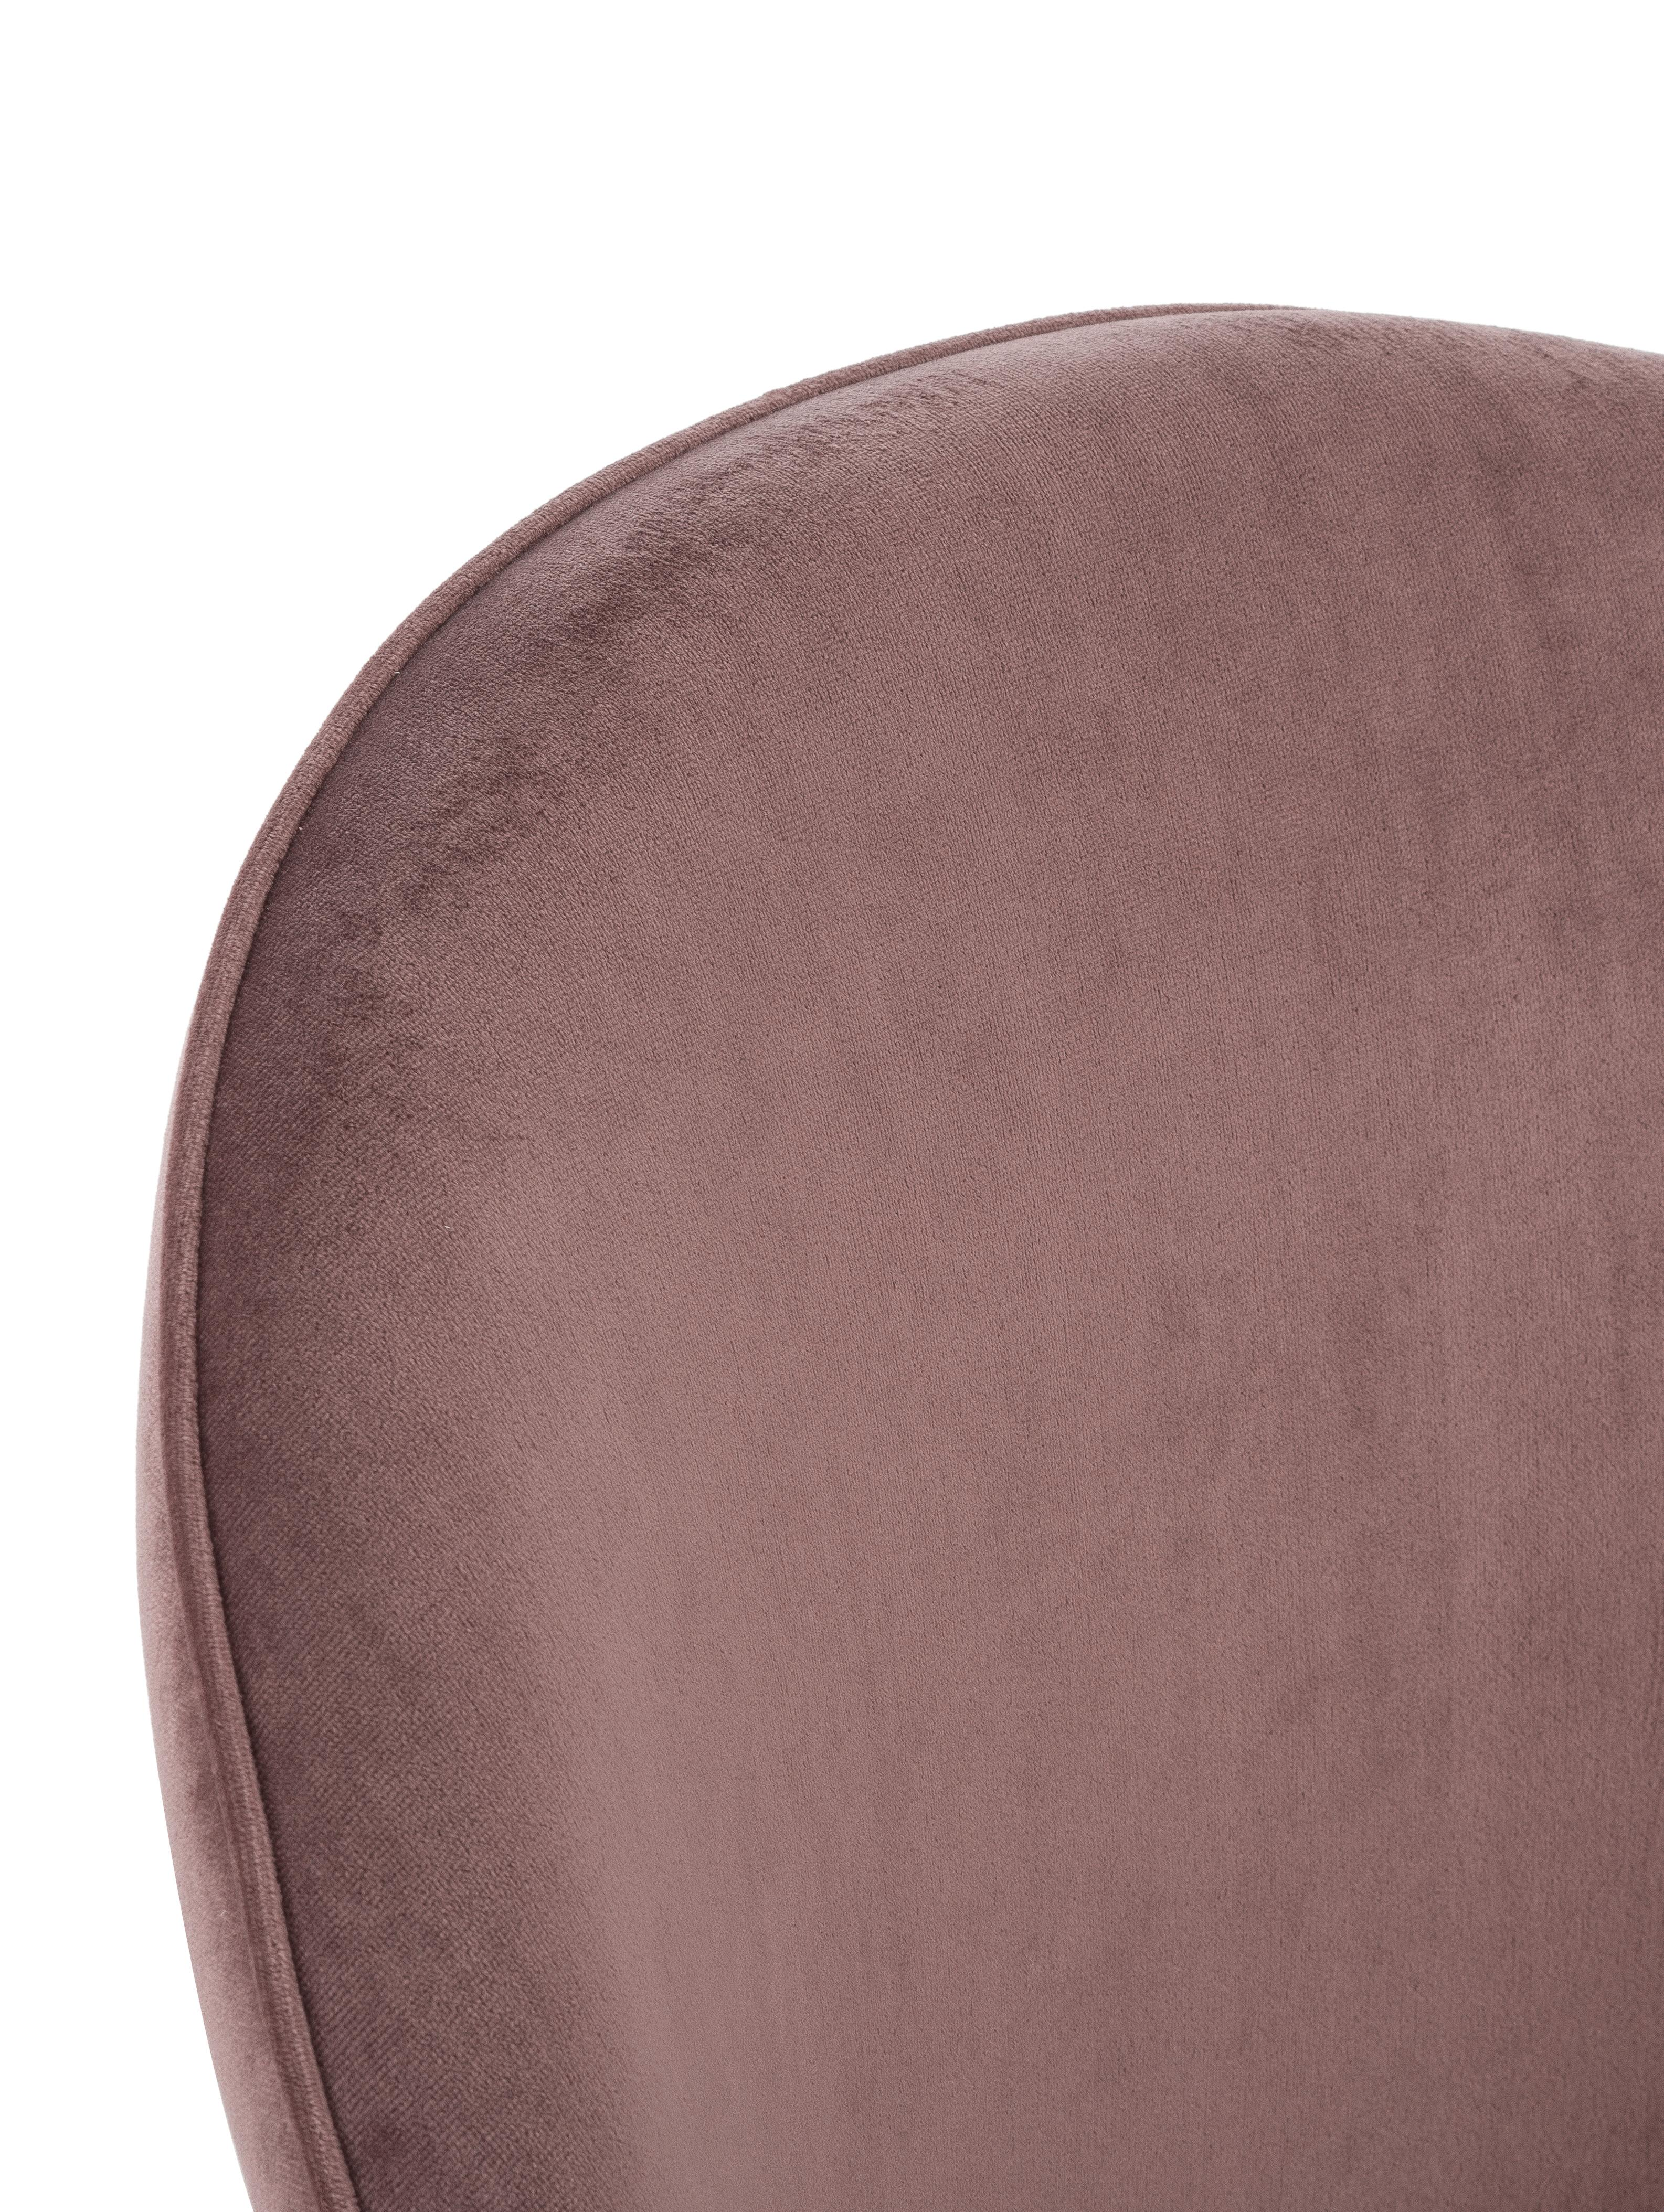 Moderne Samt-Polsterstühle Amy, 2 Stück, Bezug: Samt (Polyester) 25.000 S, Beine: Metall, pulverbeschichtet, Rosa, B 51 x T 55 cm